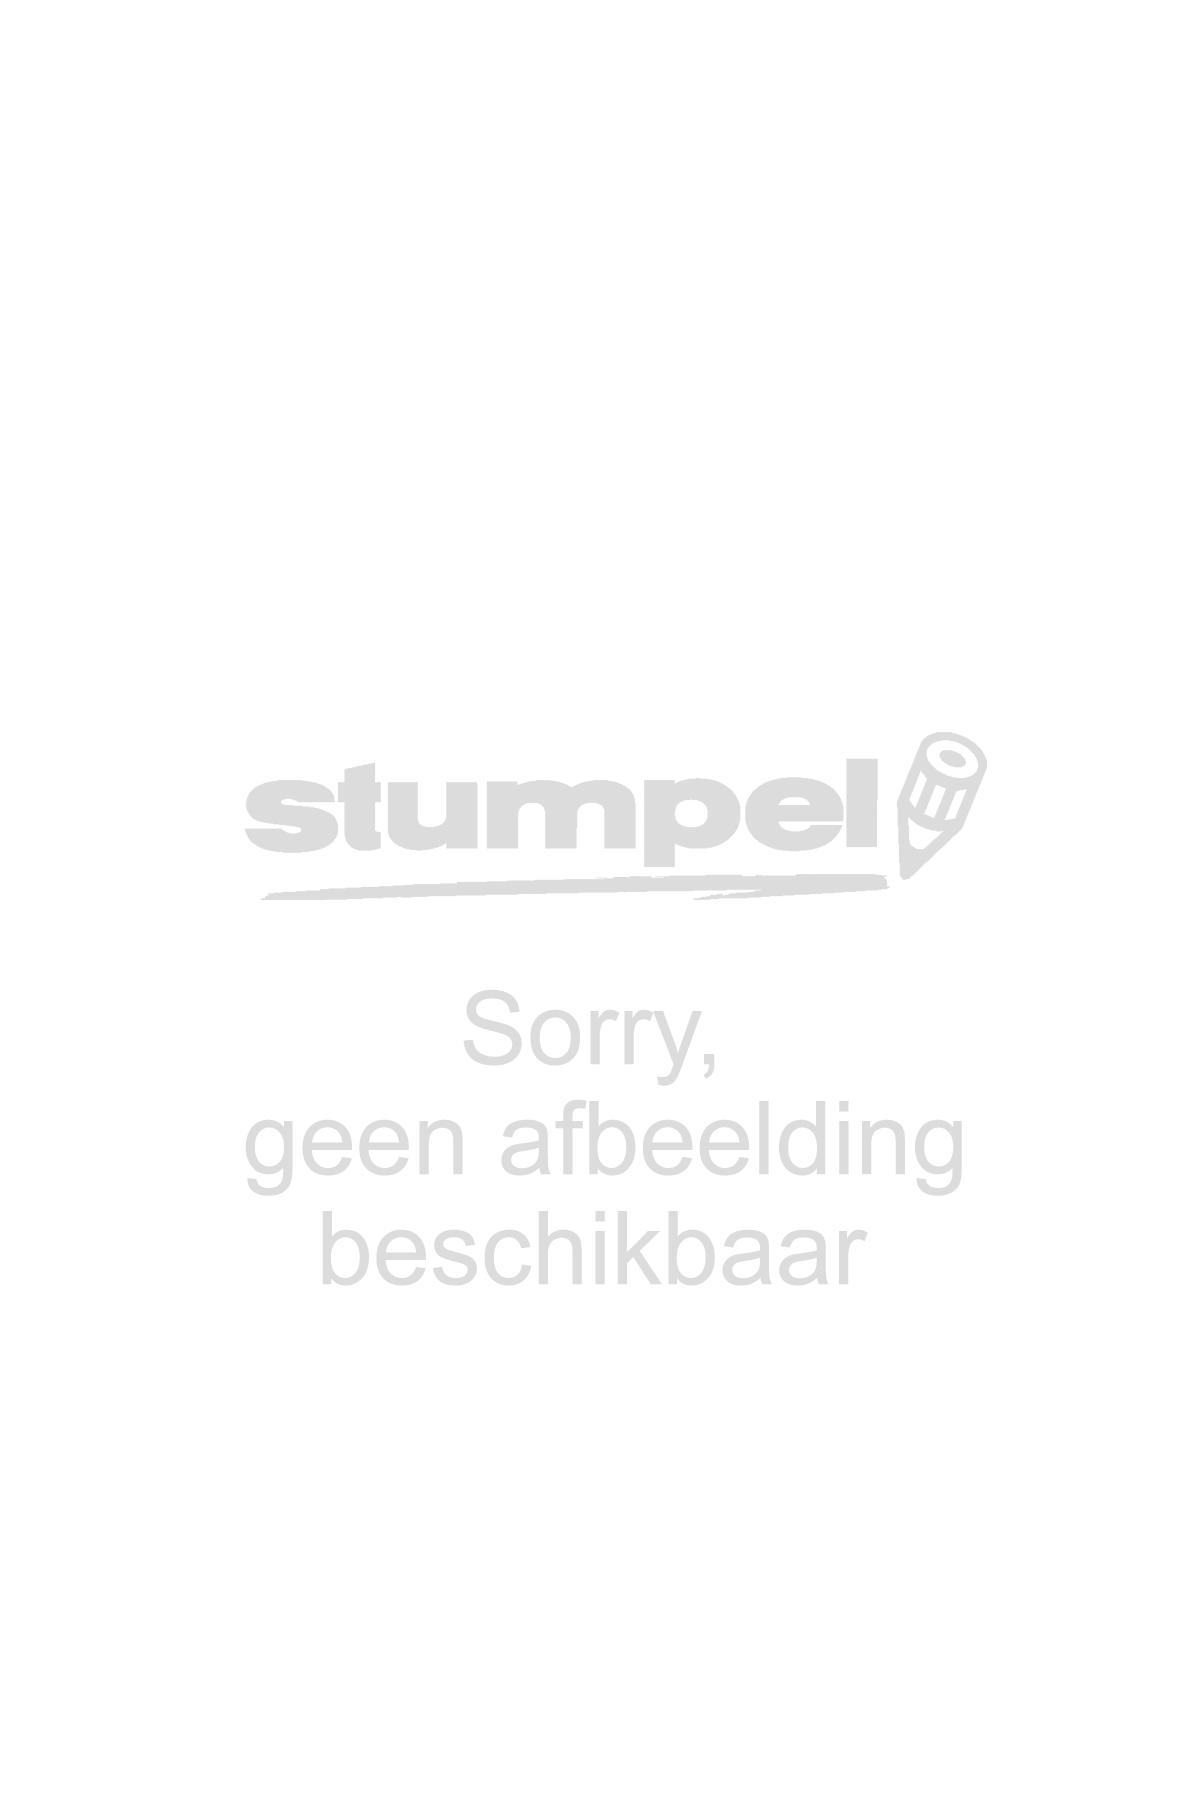 markeerstift-stabilo-boss-7024-geel-635005